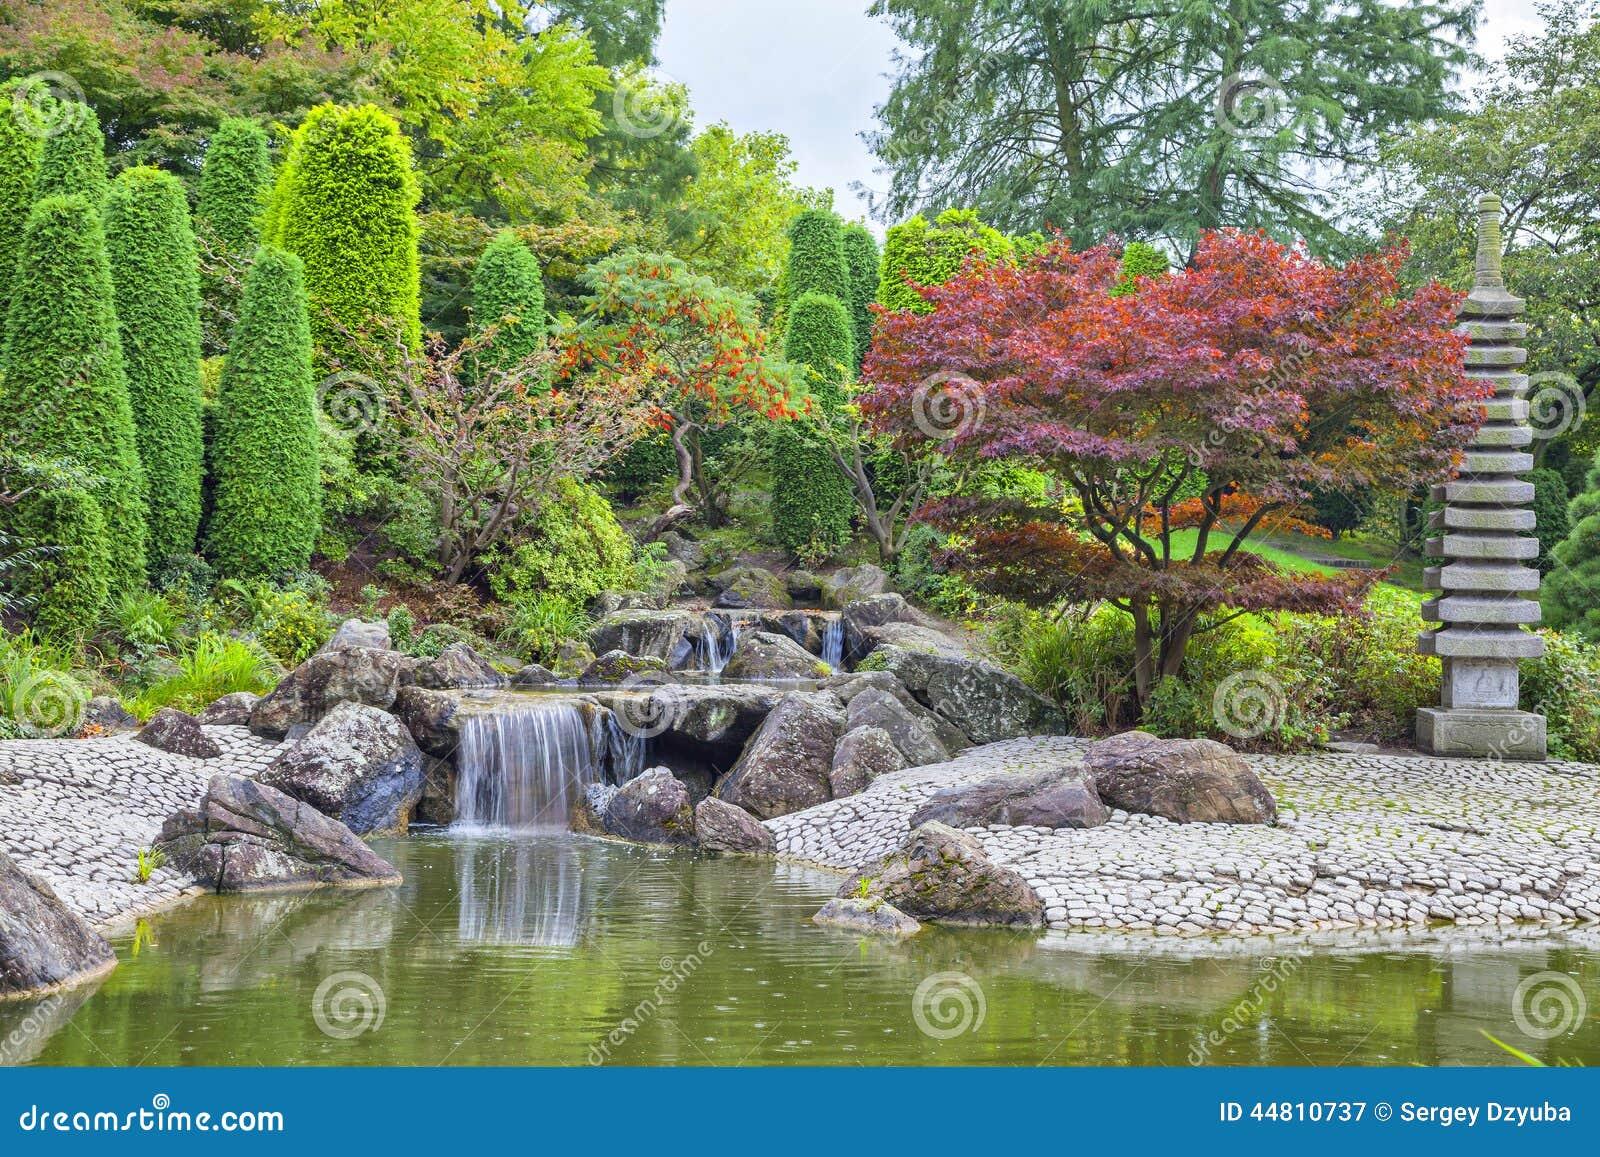 在日本庭院里落下瀑布在波恩,德国.图片